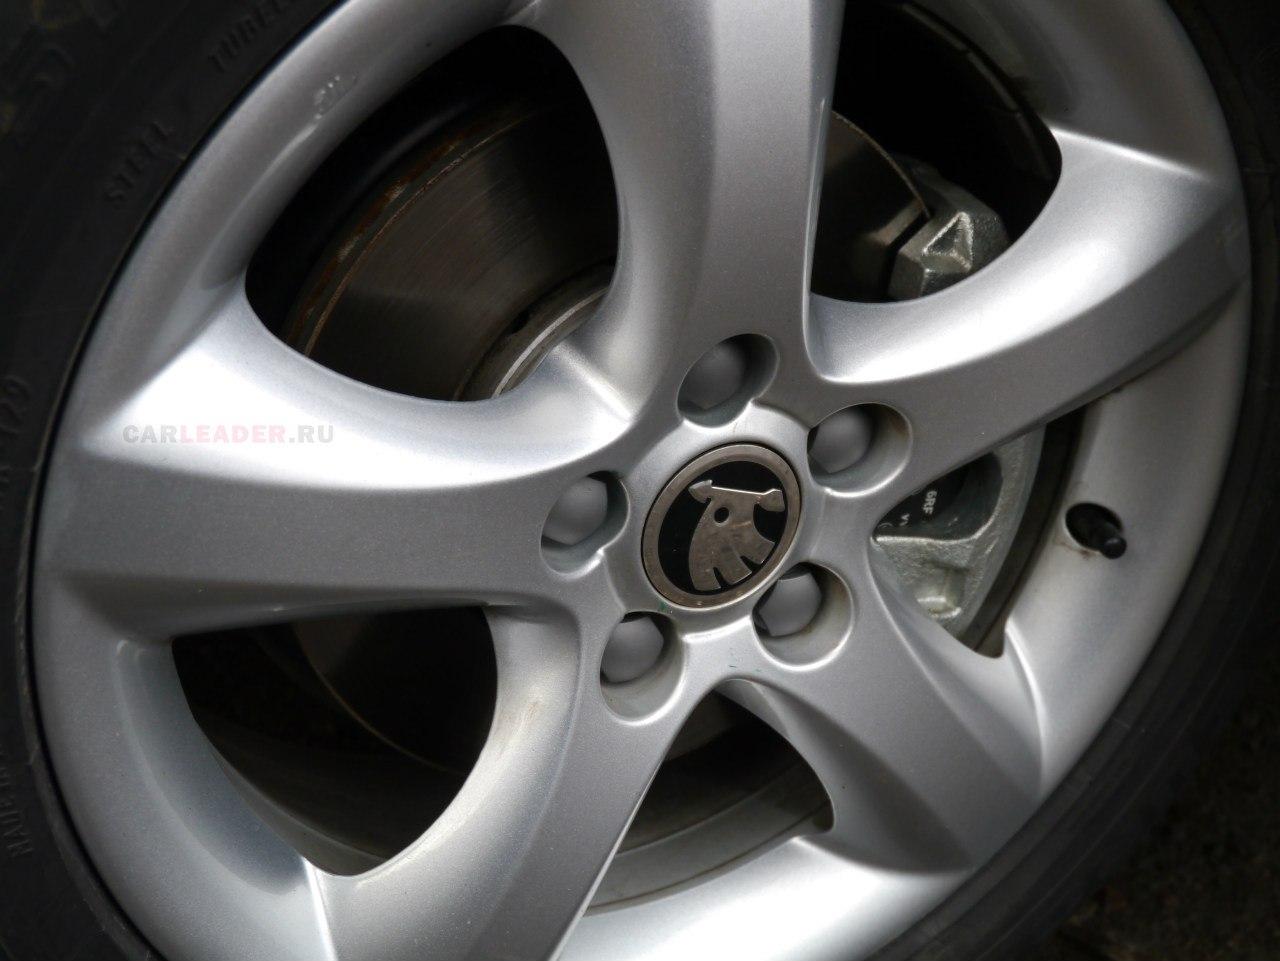 Красивые алюминиевые диски за одну московскую зиму могут покрыться паутинками.